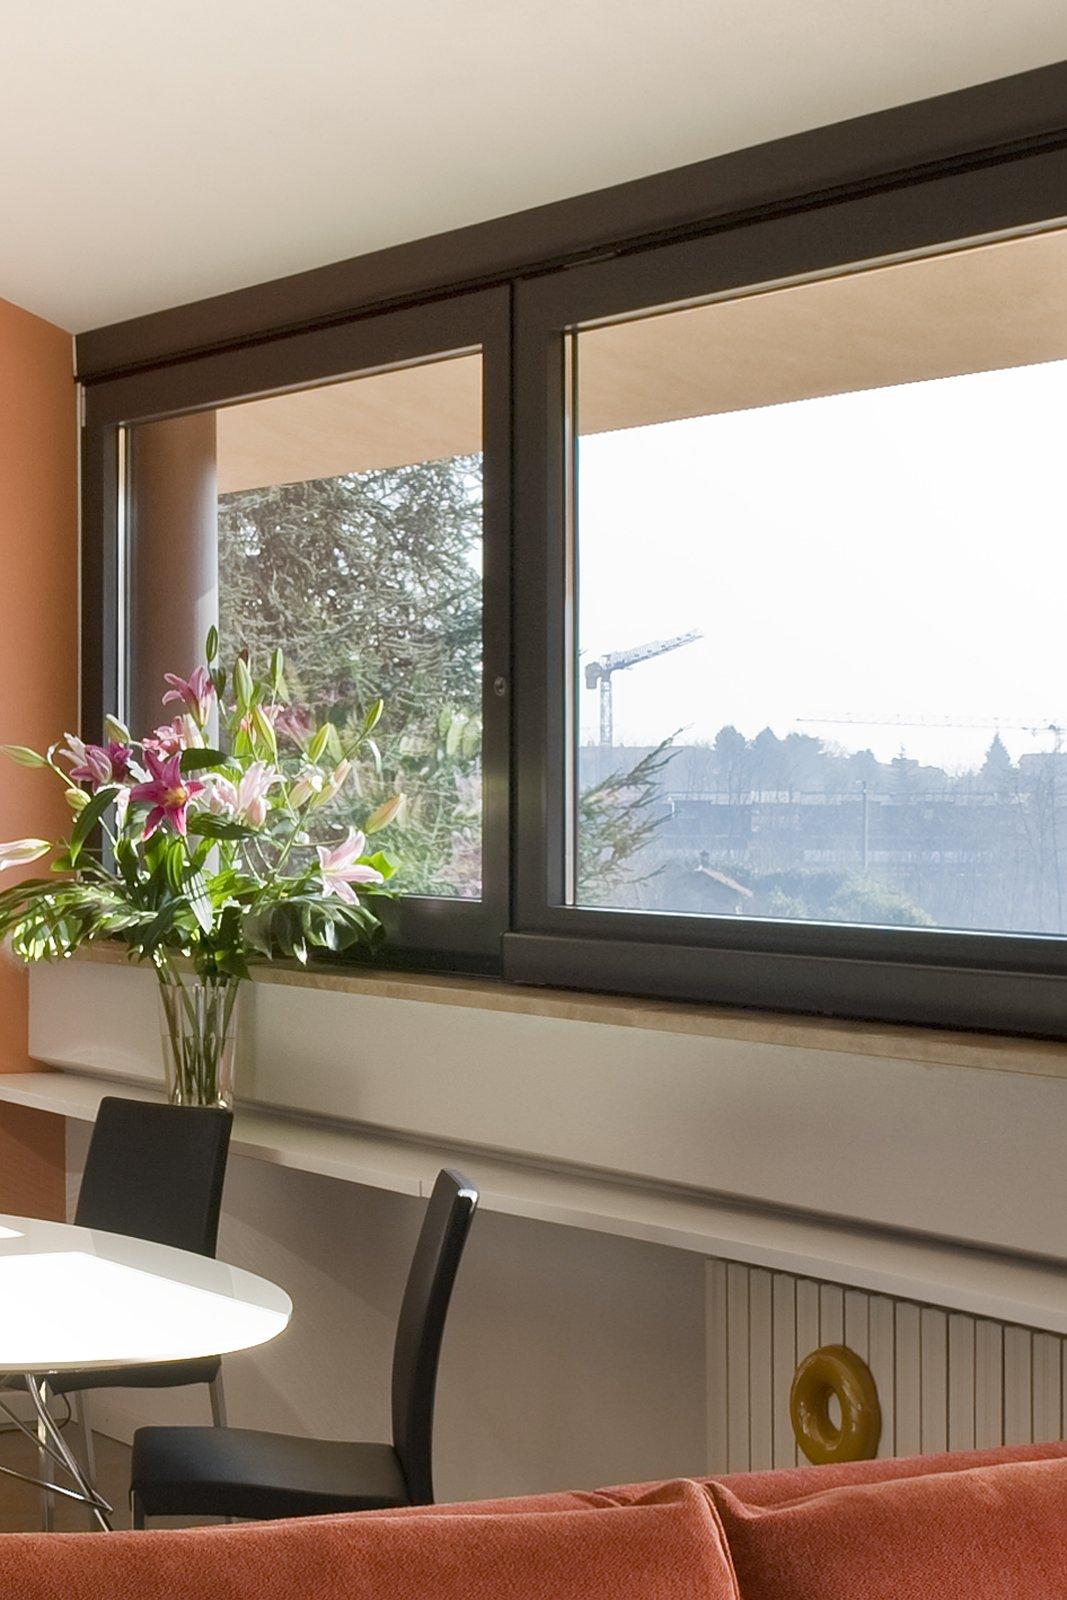 Casa in mansarda con le soluzioni giuste per gli spazi - Panca sotto finestra ...